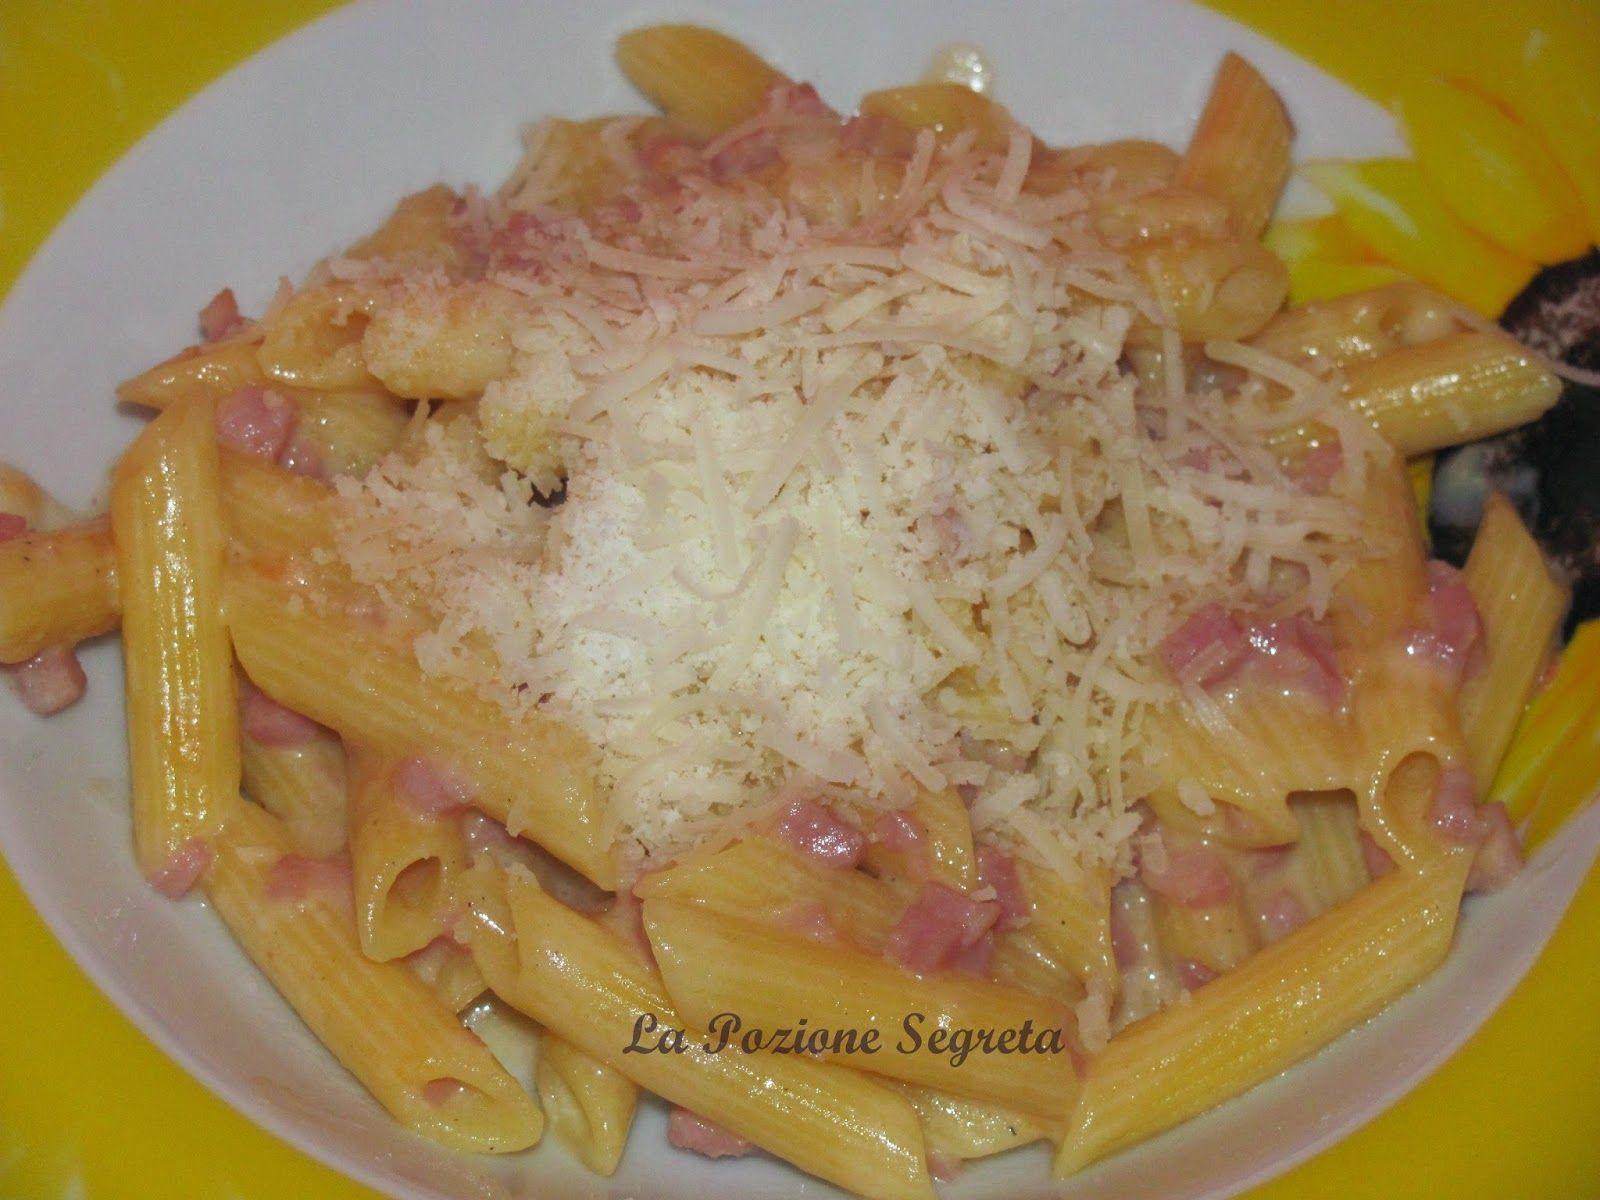 La Pozione Segreta: Pasta panna e prosciutto  http://lapozionesegreta.blogspot.com/2015/02/pasta-panna-e-prosciutto.html